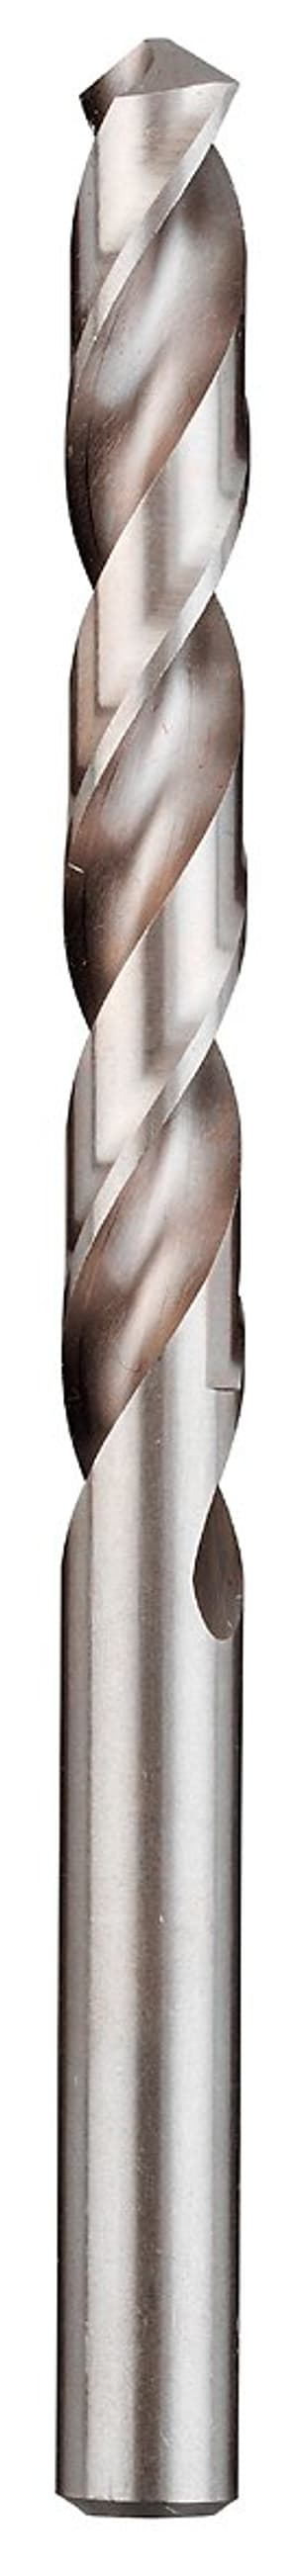 Silver HSS Spiralbohrer, ø 10.2 mm